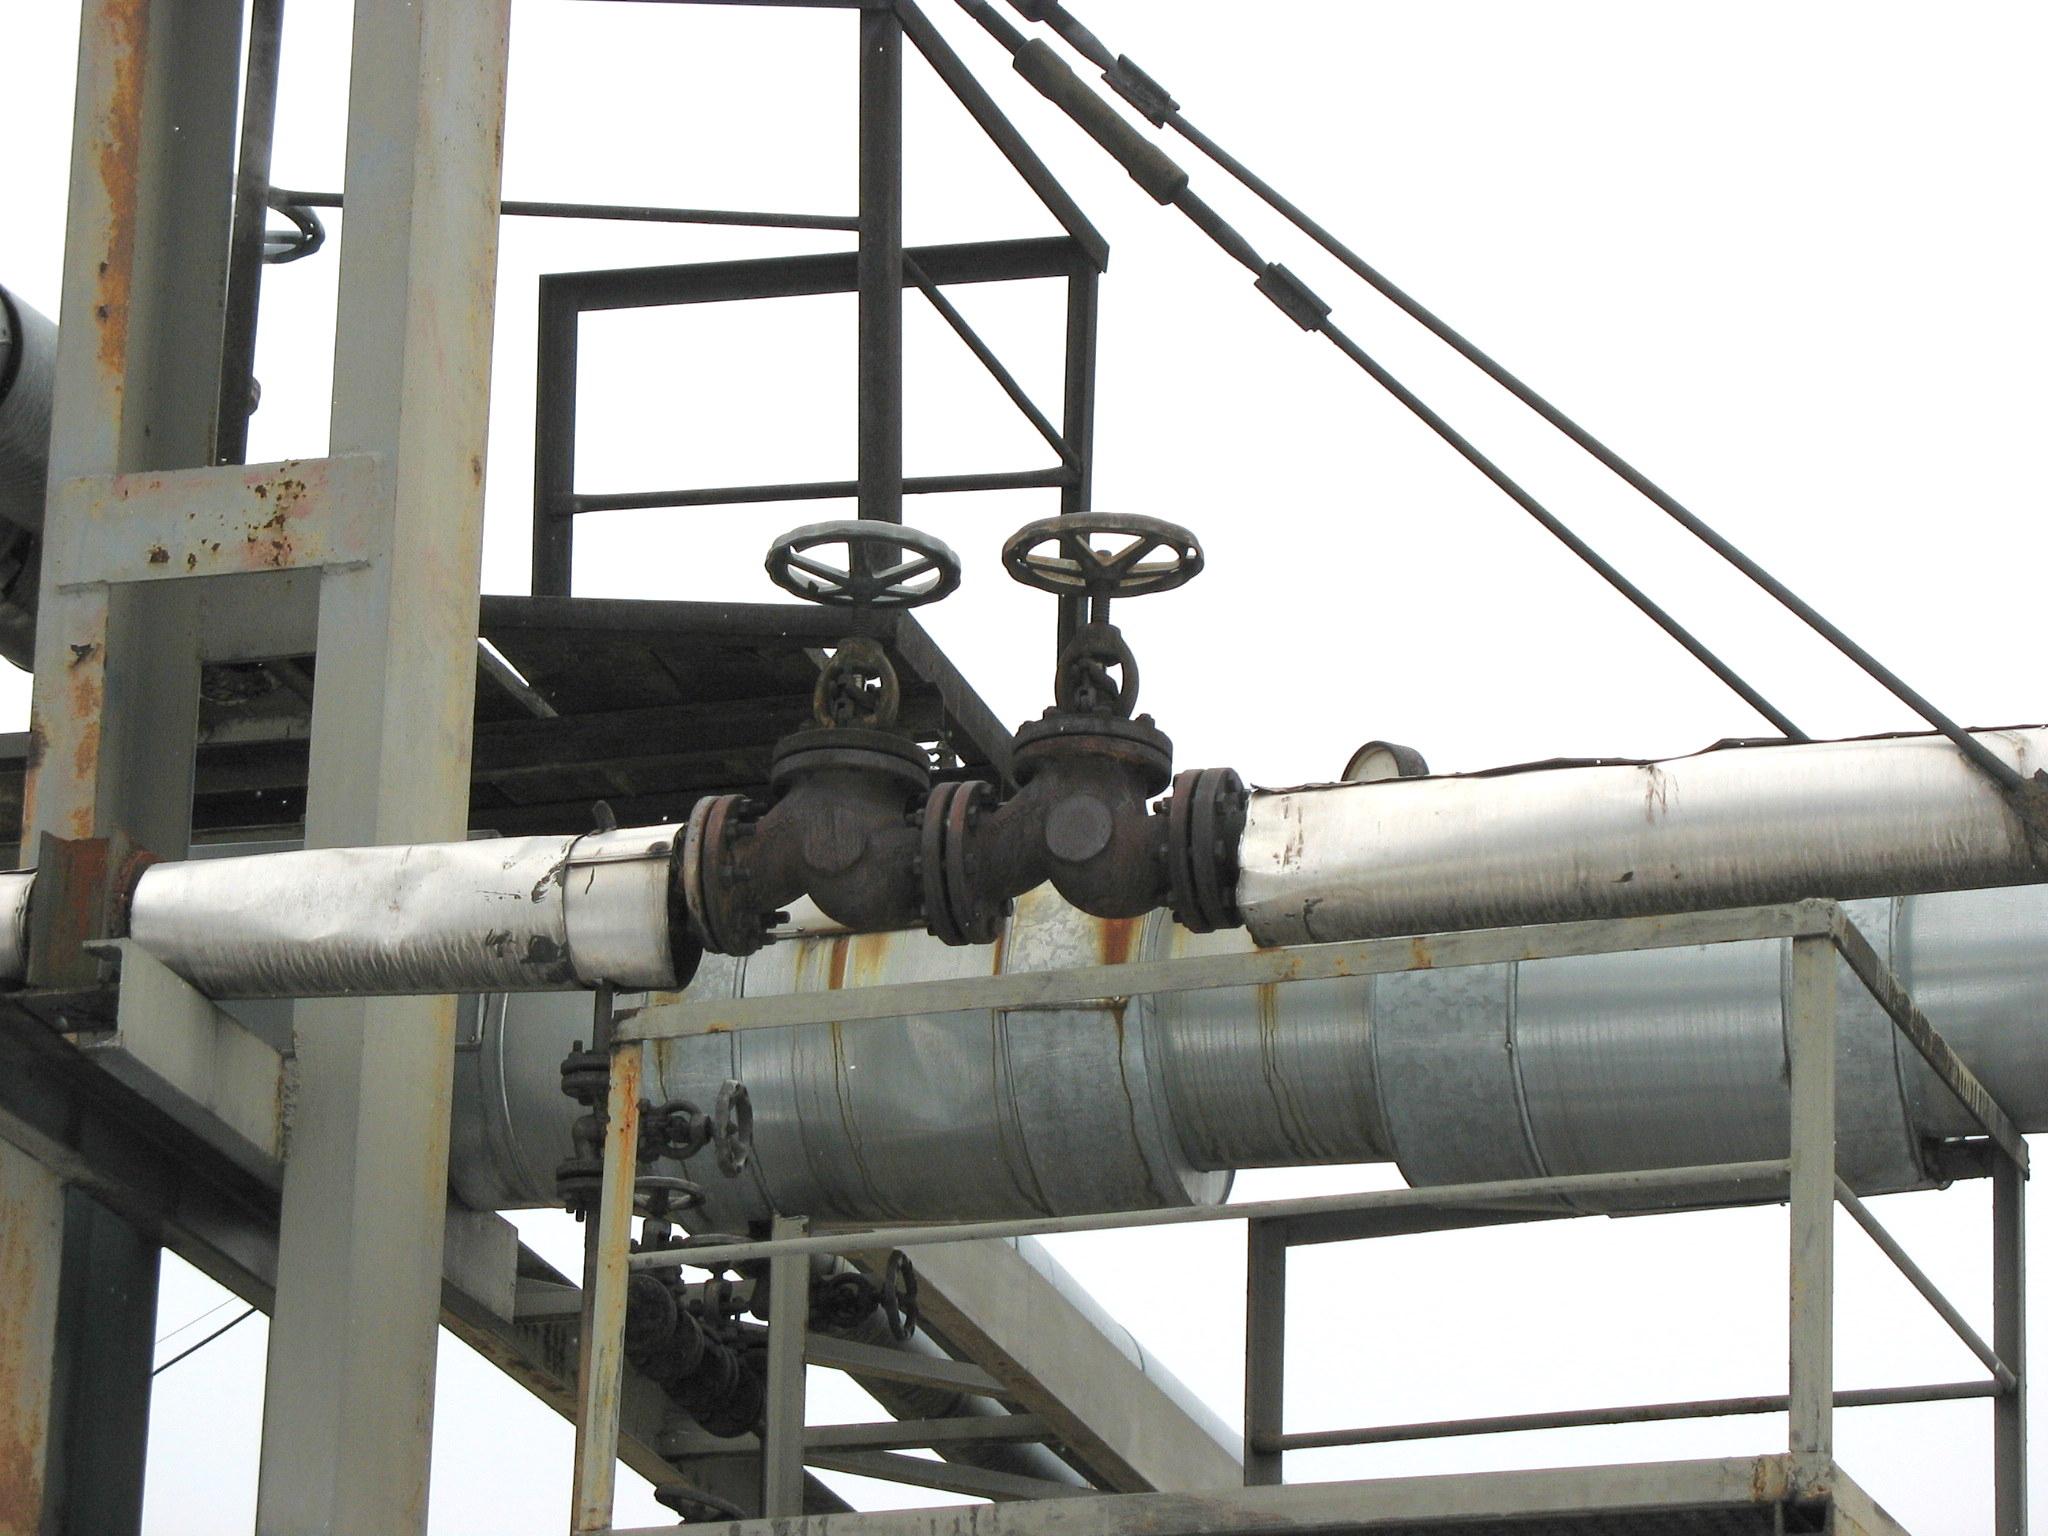 Bugarska izabrao saudijsku firmu Arkad za proširenje kapaciteta gasne mreže